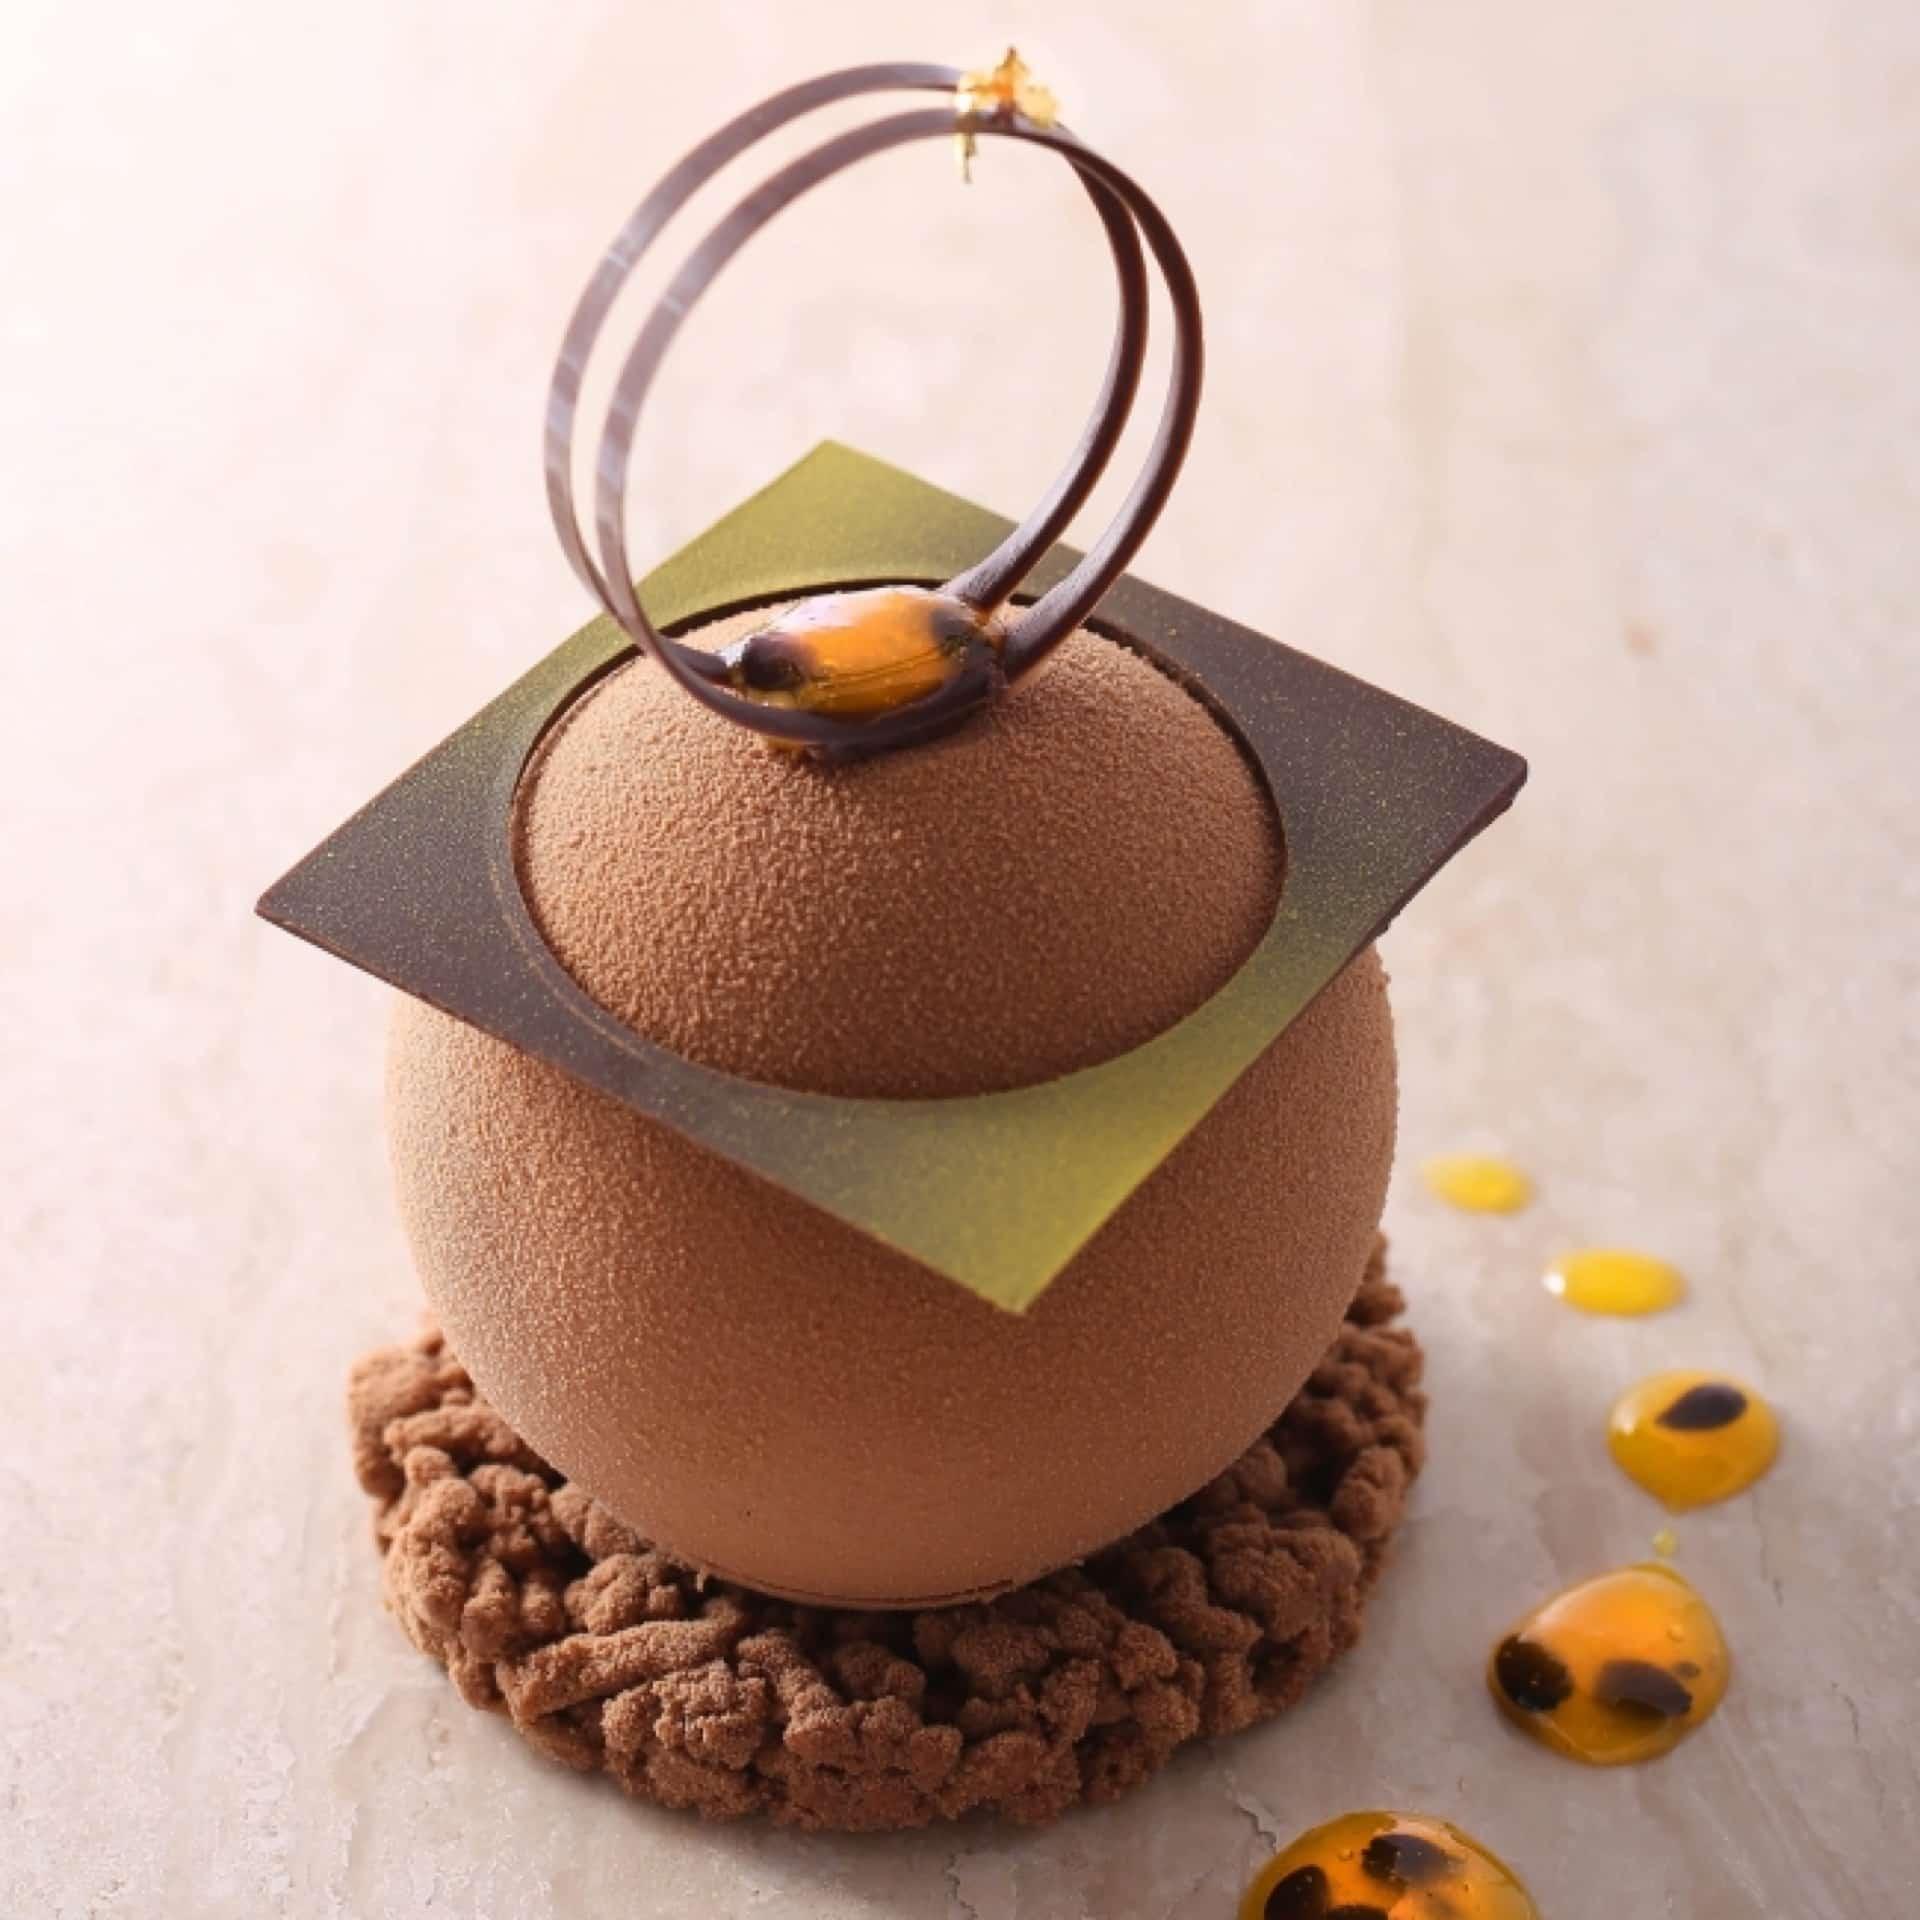 フォトジェニックなスイーツ…!「アンテノール」から美しいショコラケーキが期間限定で登場